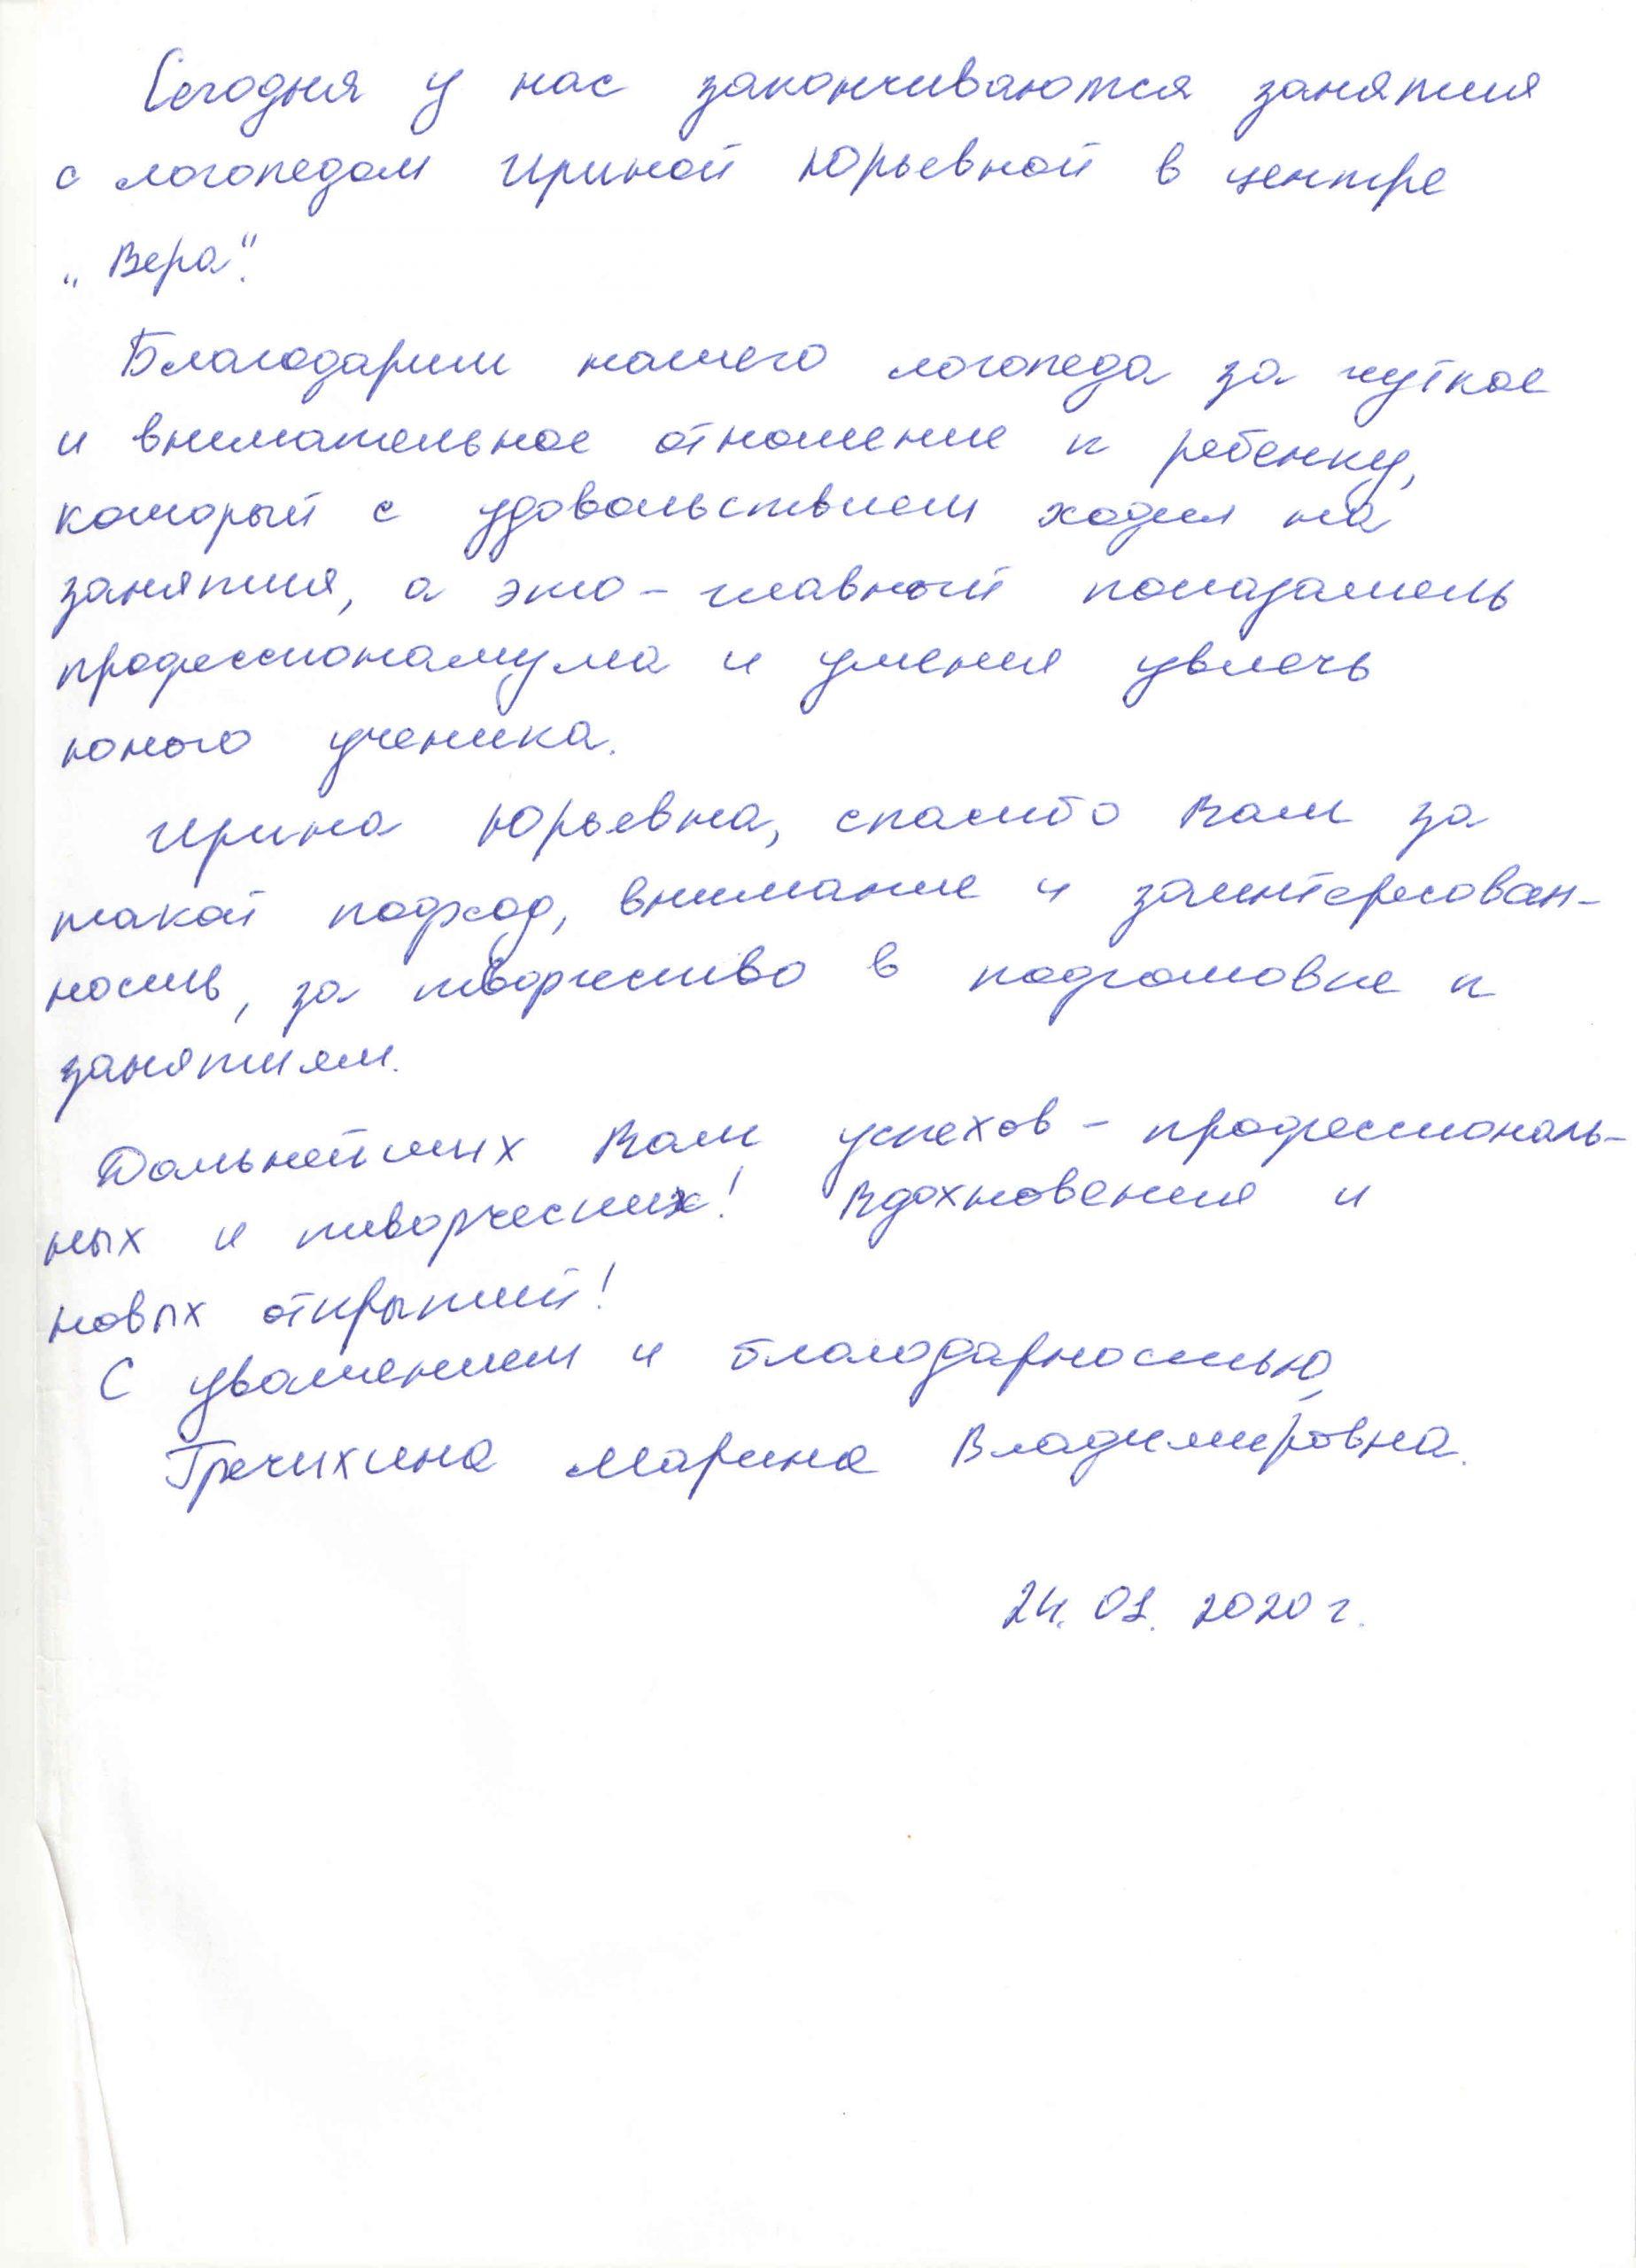 Рудь, 24.01.2020